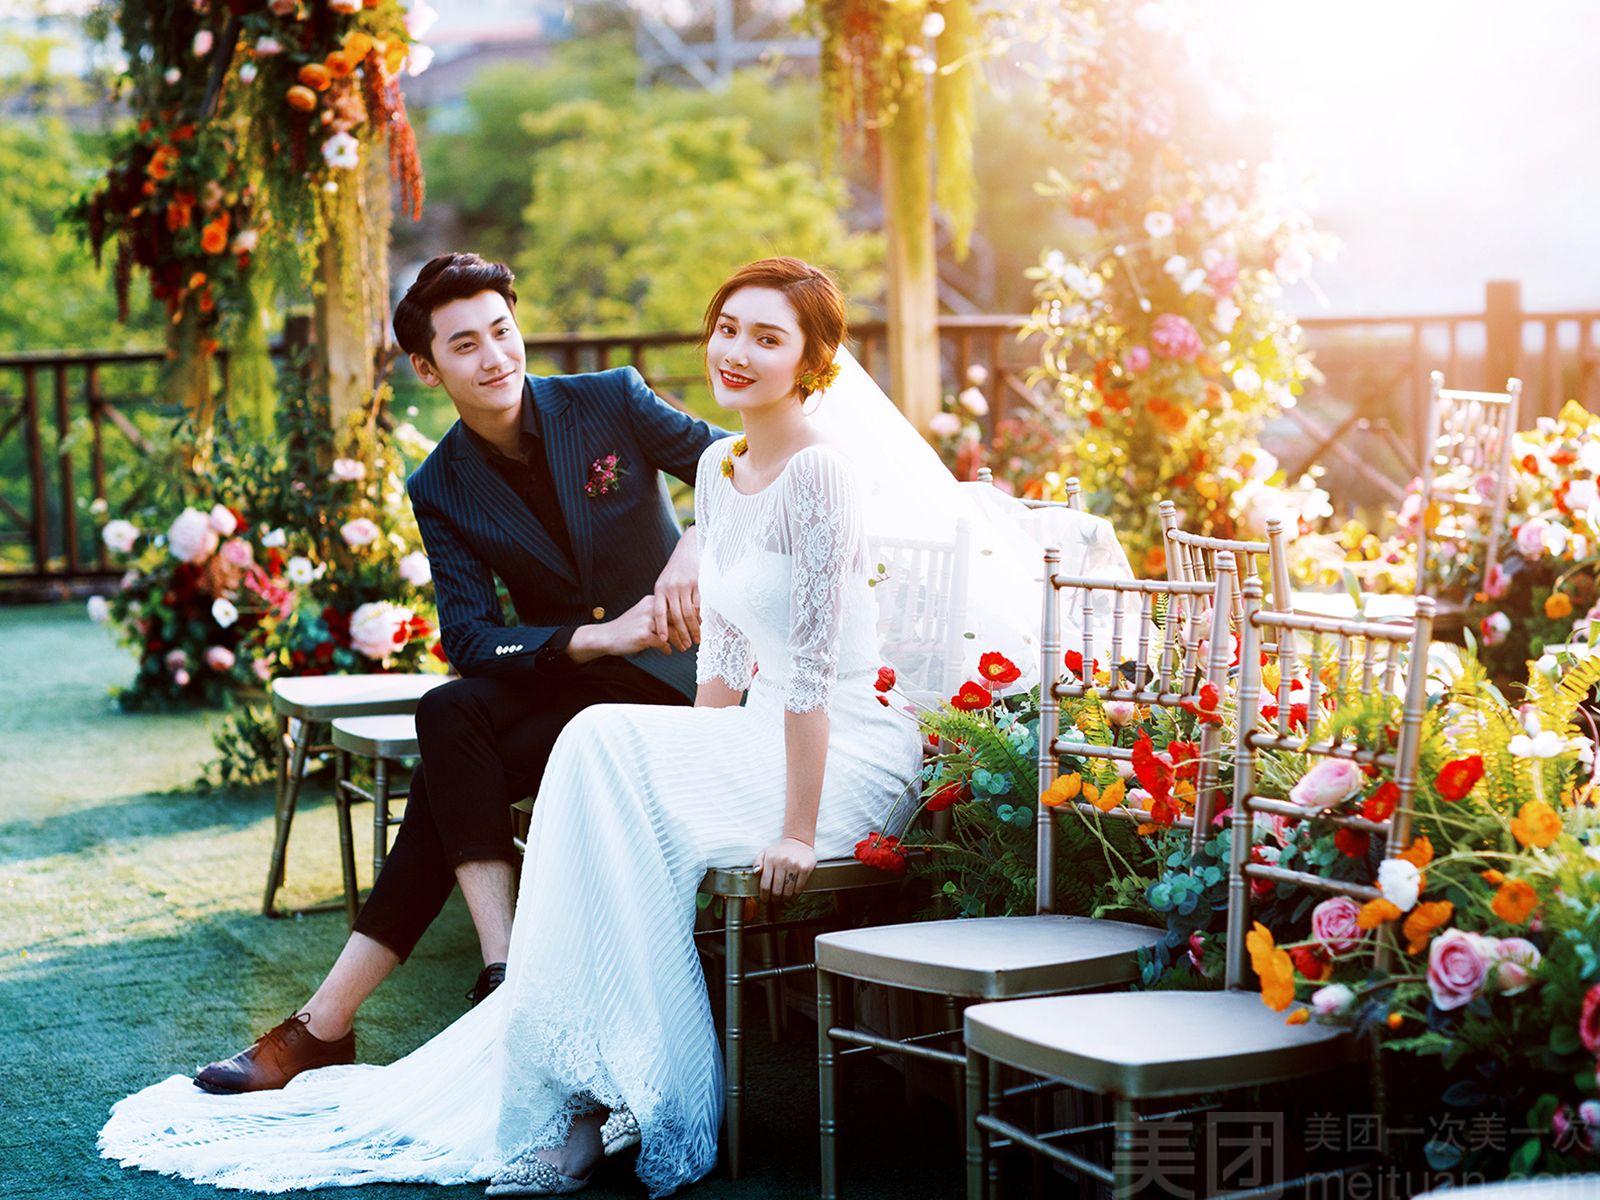 :长沙今日团购:【大视觉婚纱摄影】【11·11狂欢节】限时大促婚纱照